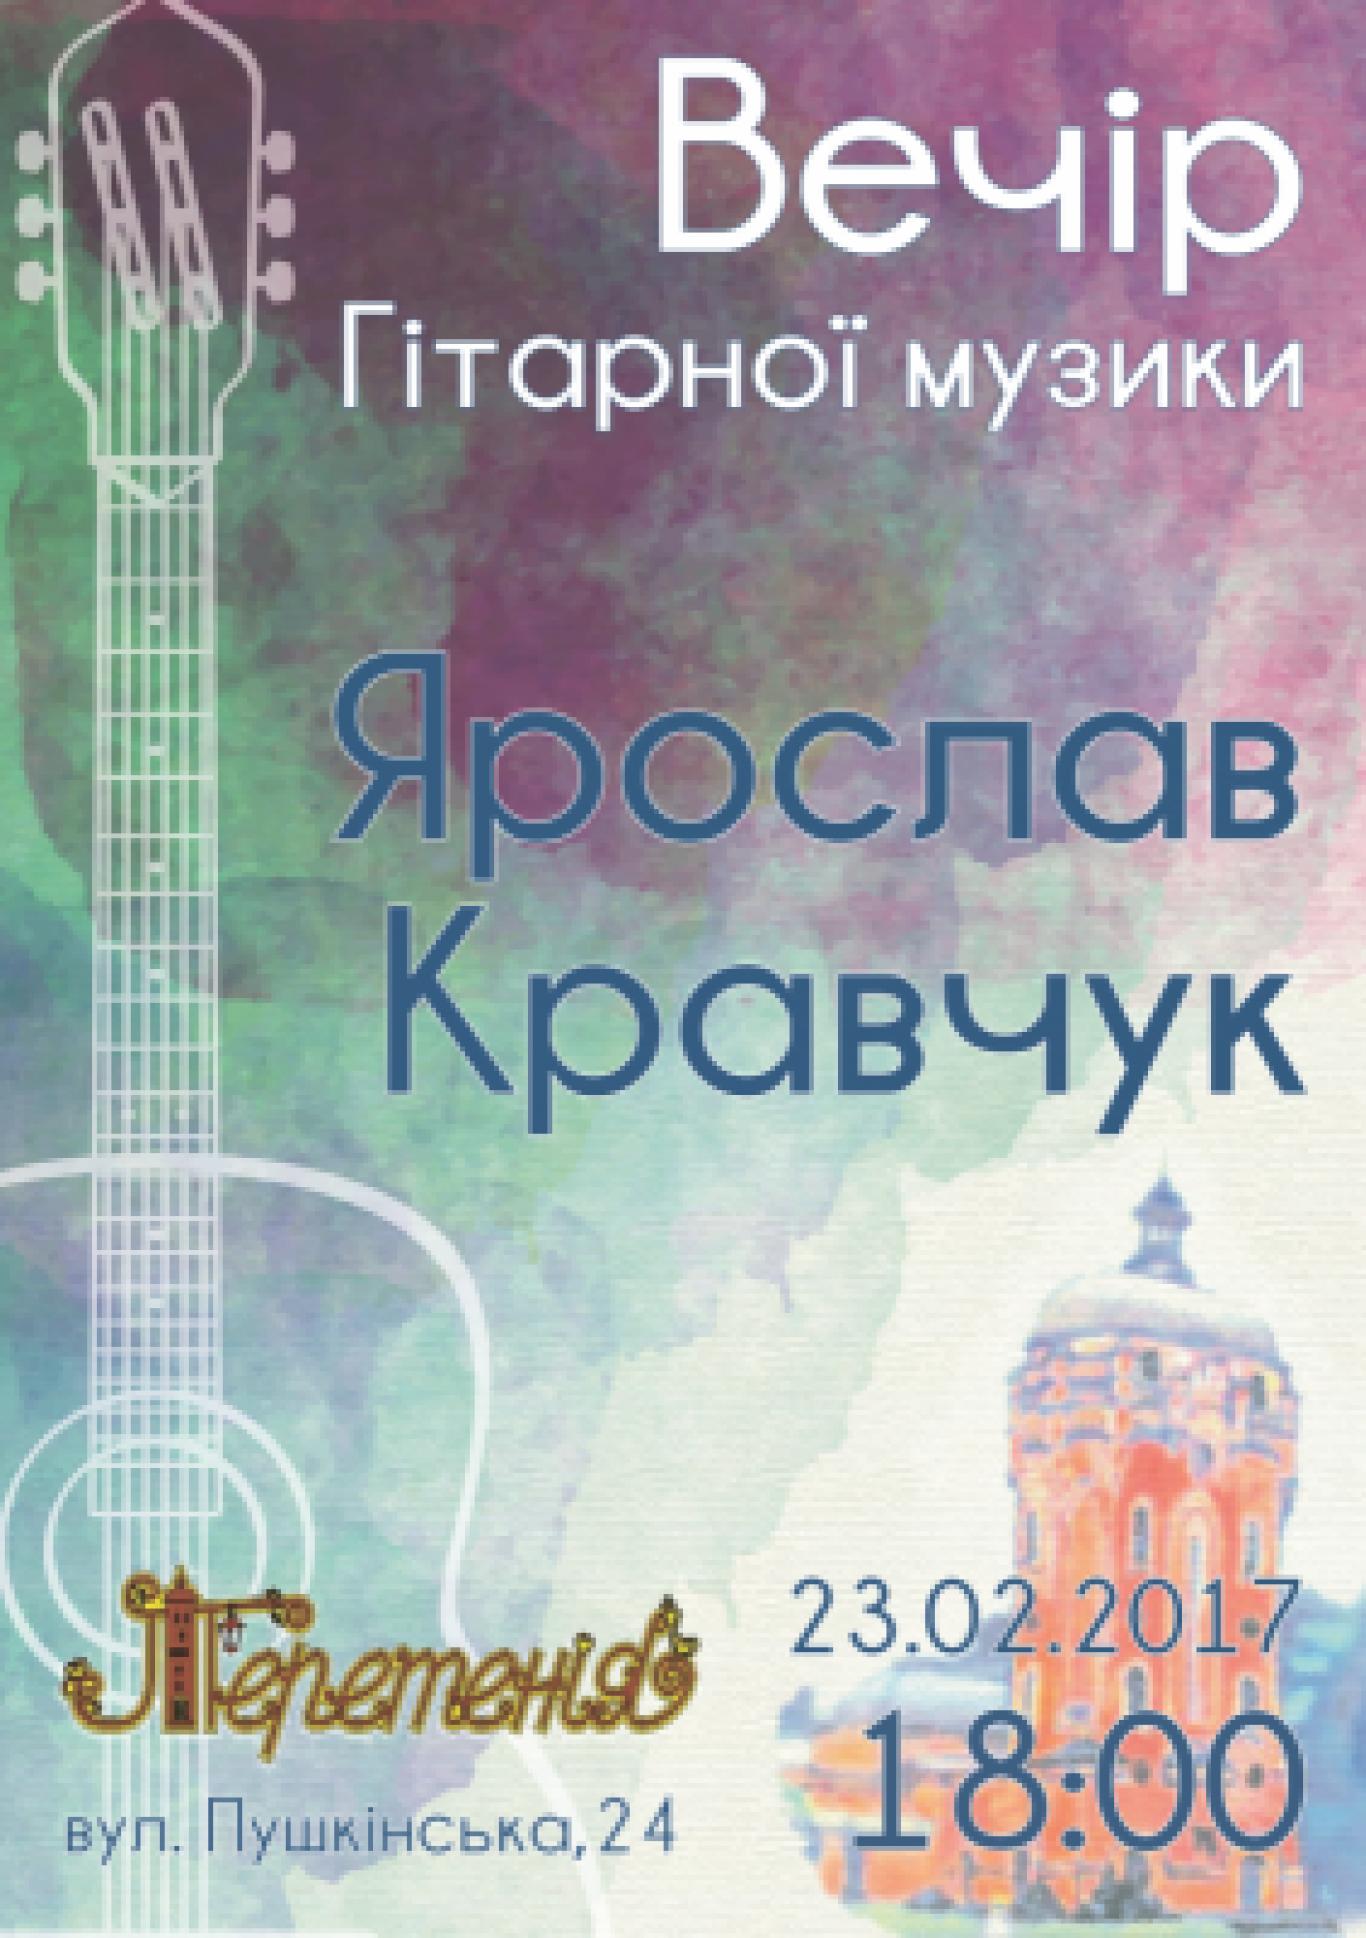 Ярослав Кравчук, вечір гітарної музики